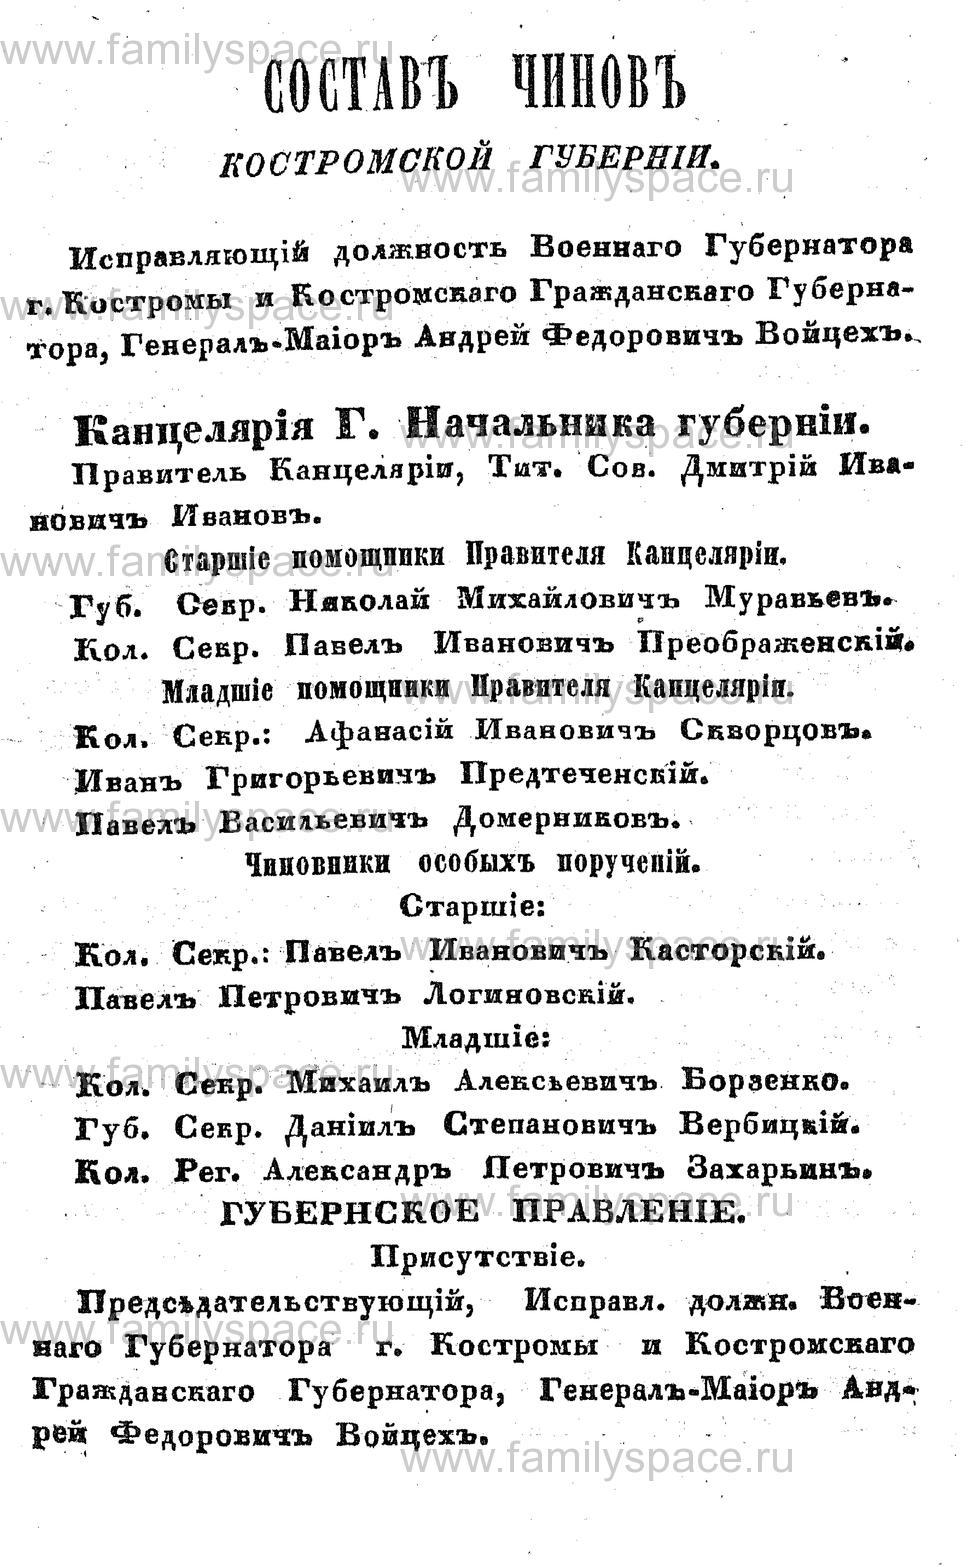 Поиск по фамилии - Памятная книжка Костромской губернии на 1857 год, страница 1